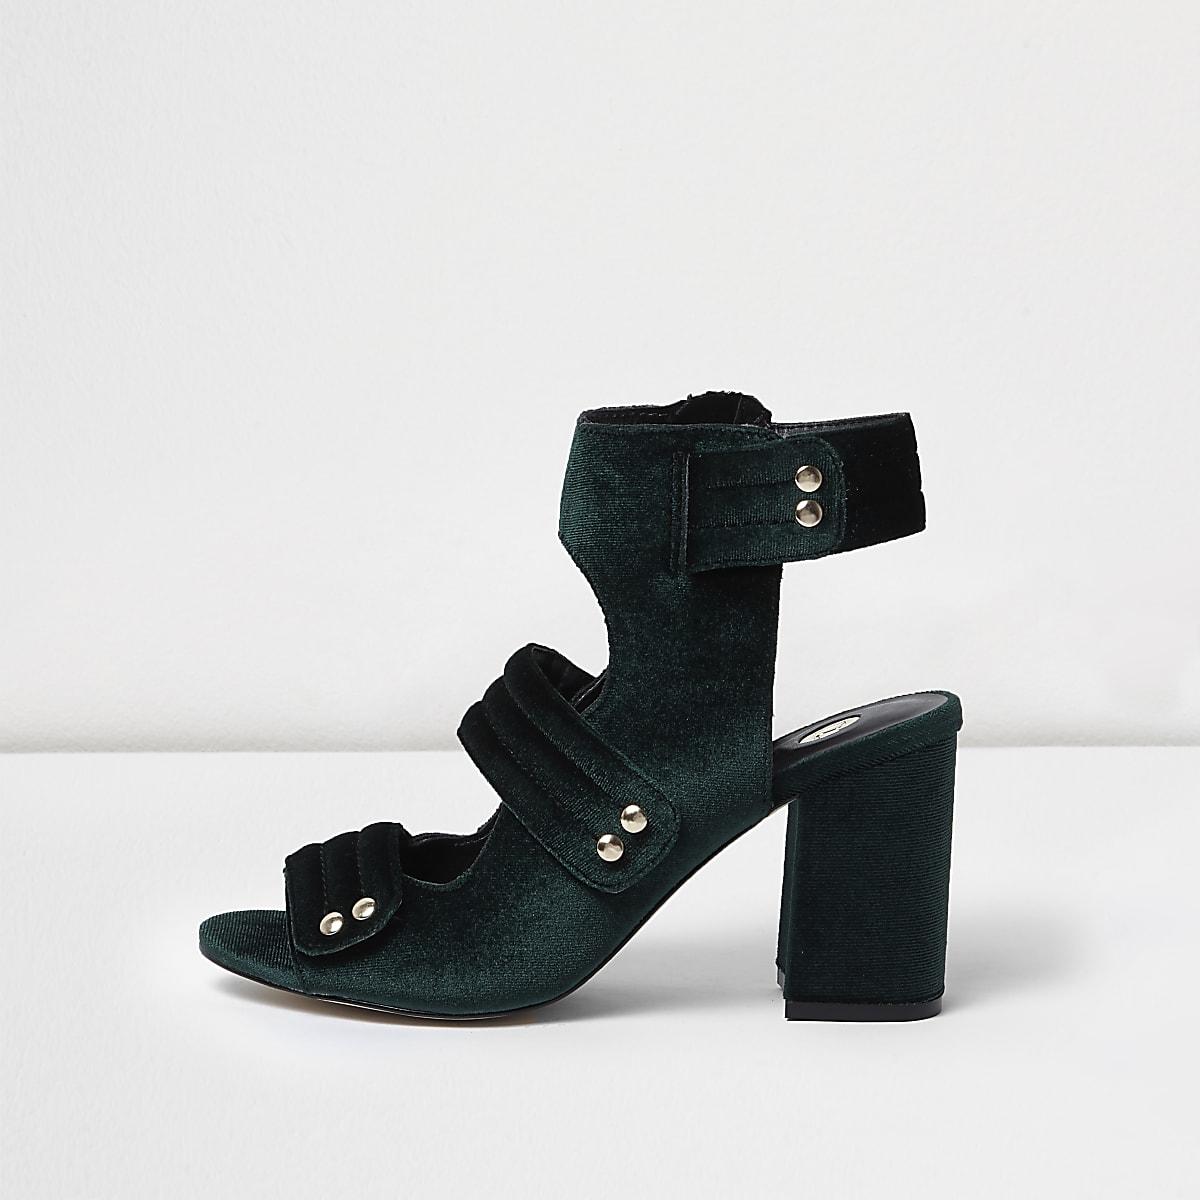 8ae1c3ca64 Khaki velvet strappy shoe boots - Sandals - Shoes & Boots - women